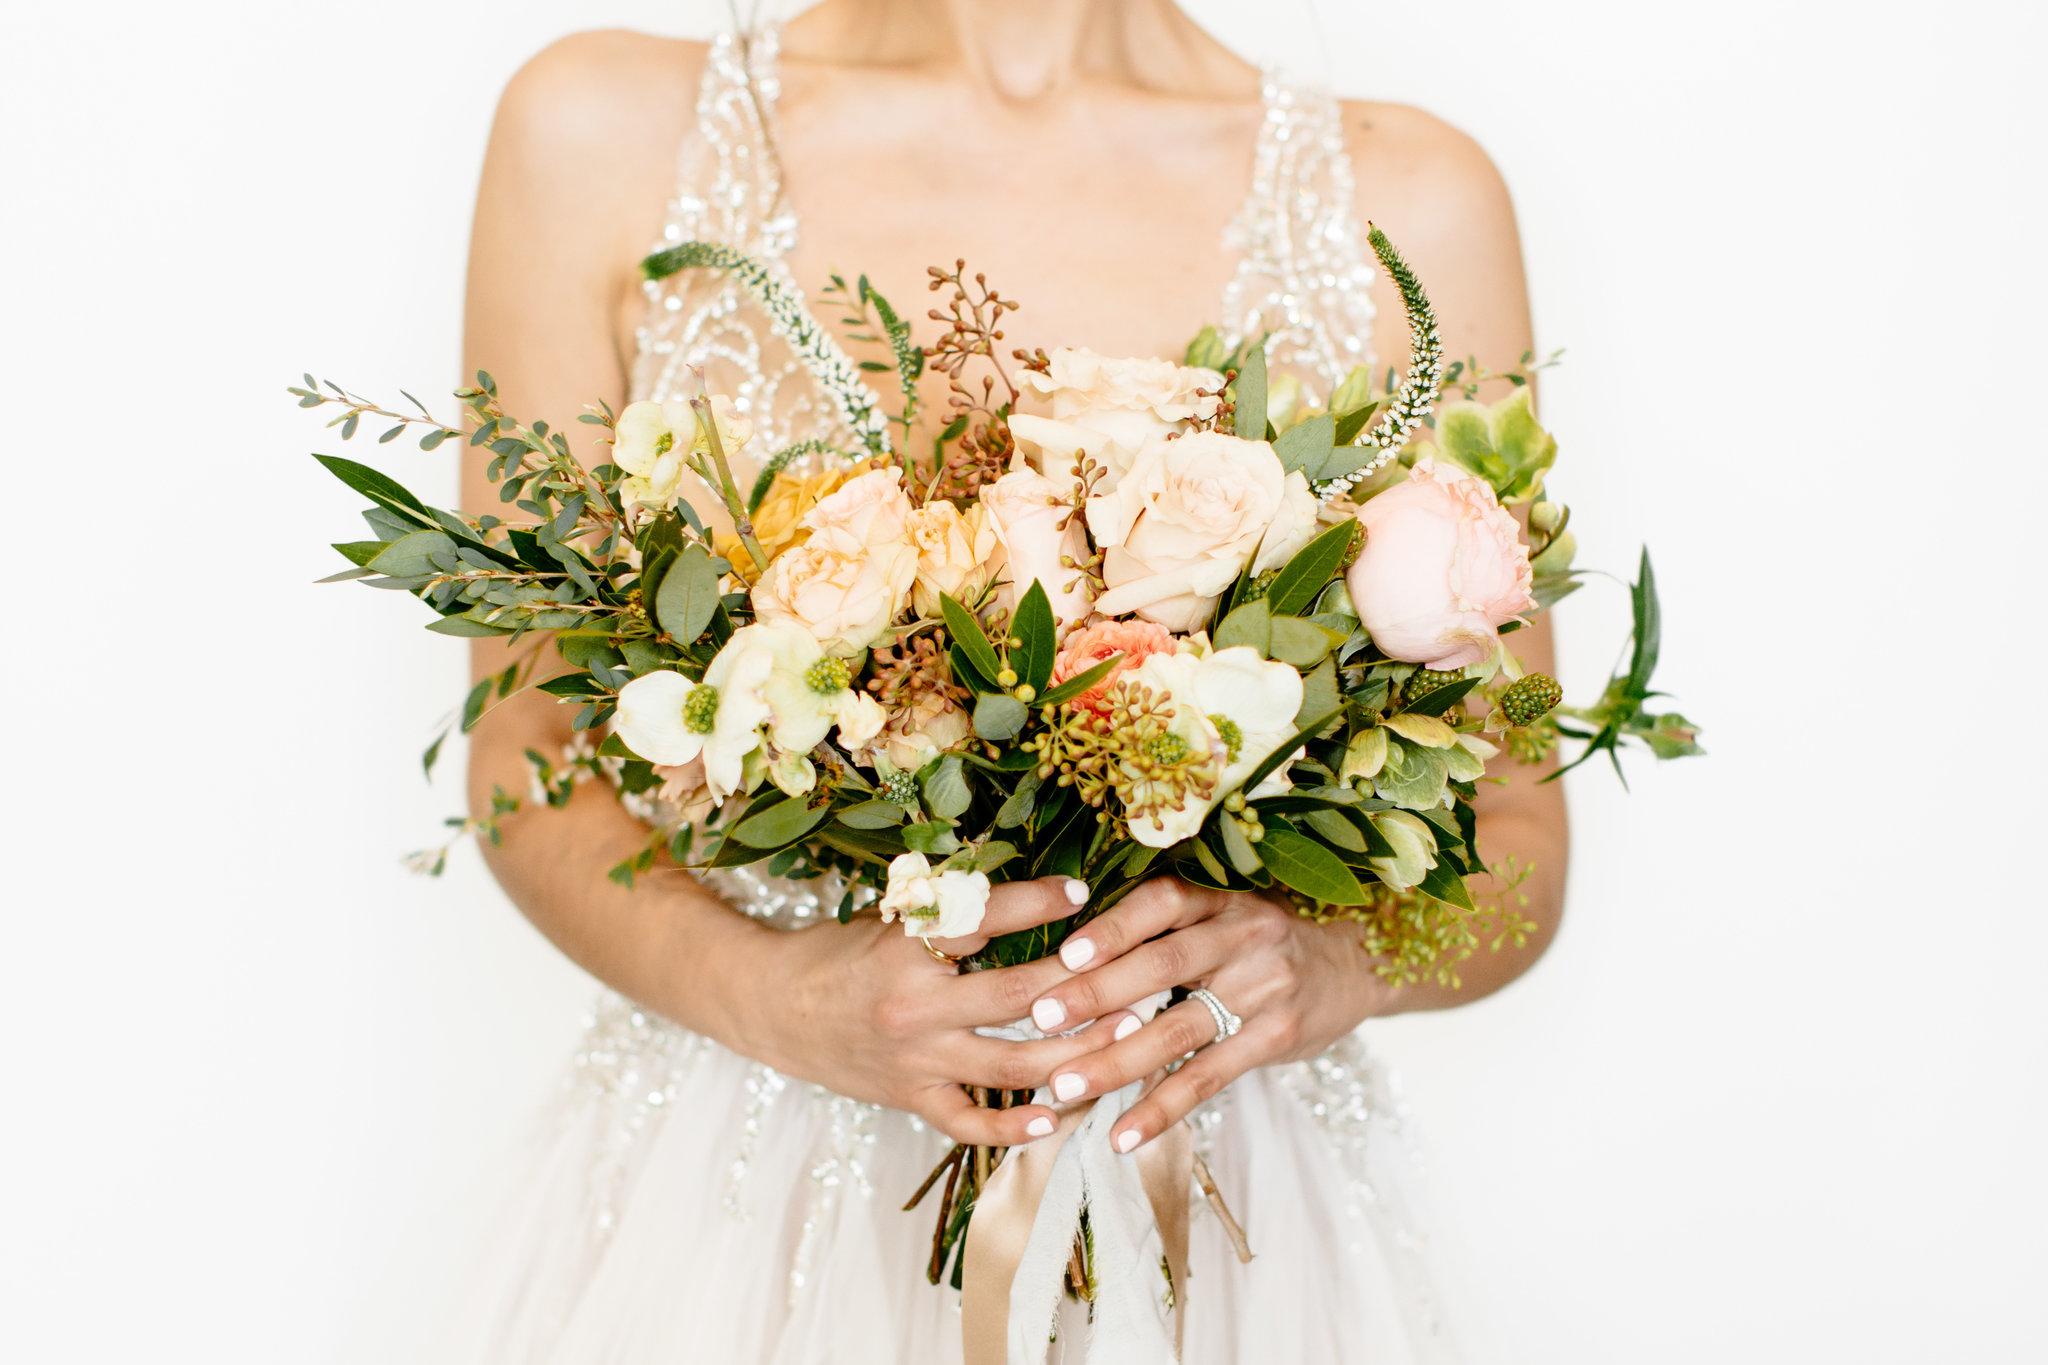 Alexa-Vossler-Photo_Dallas-Wedding-Photographer_Photoshoot-at-the-Station-McKinney_Empower-Event-46.jpg